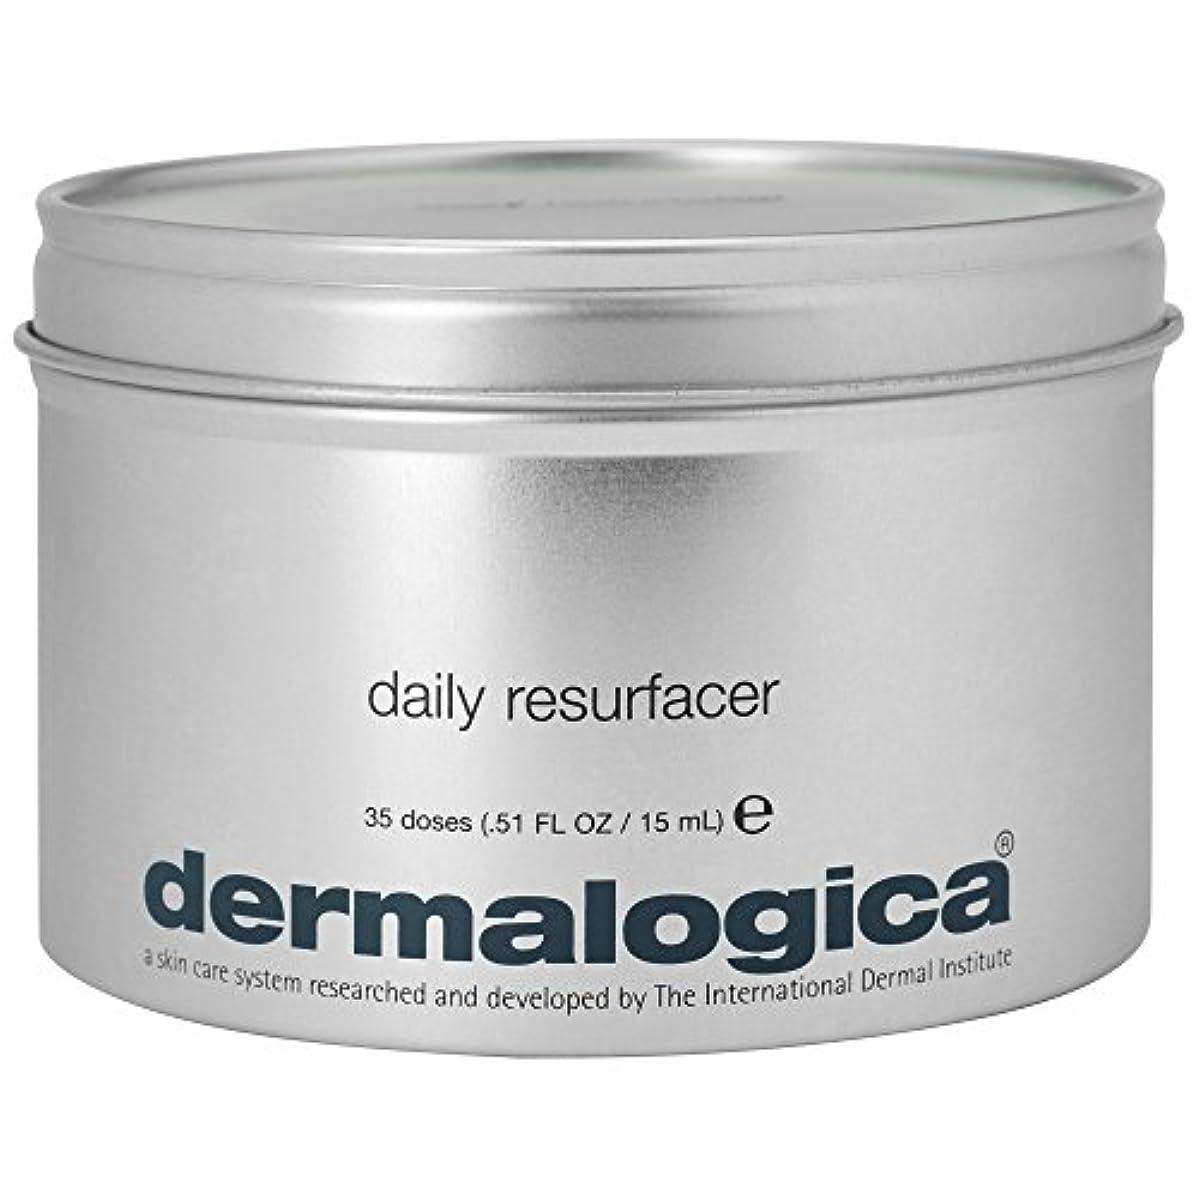 閃光薬を飲む元気な35のダーマロジカ毎日Resurfacerパック (Dermalogica) - Dermalogica Daily Resurfacer Pack of 35 [並行輸入品]